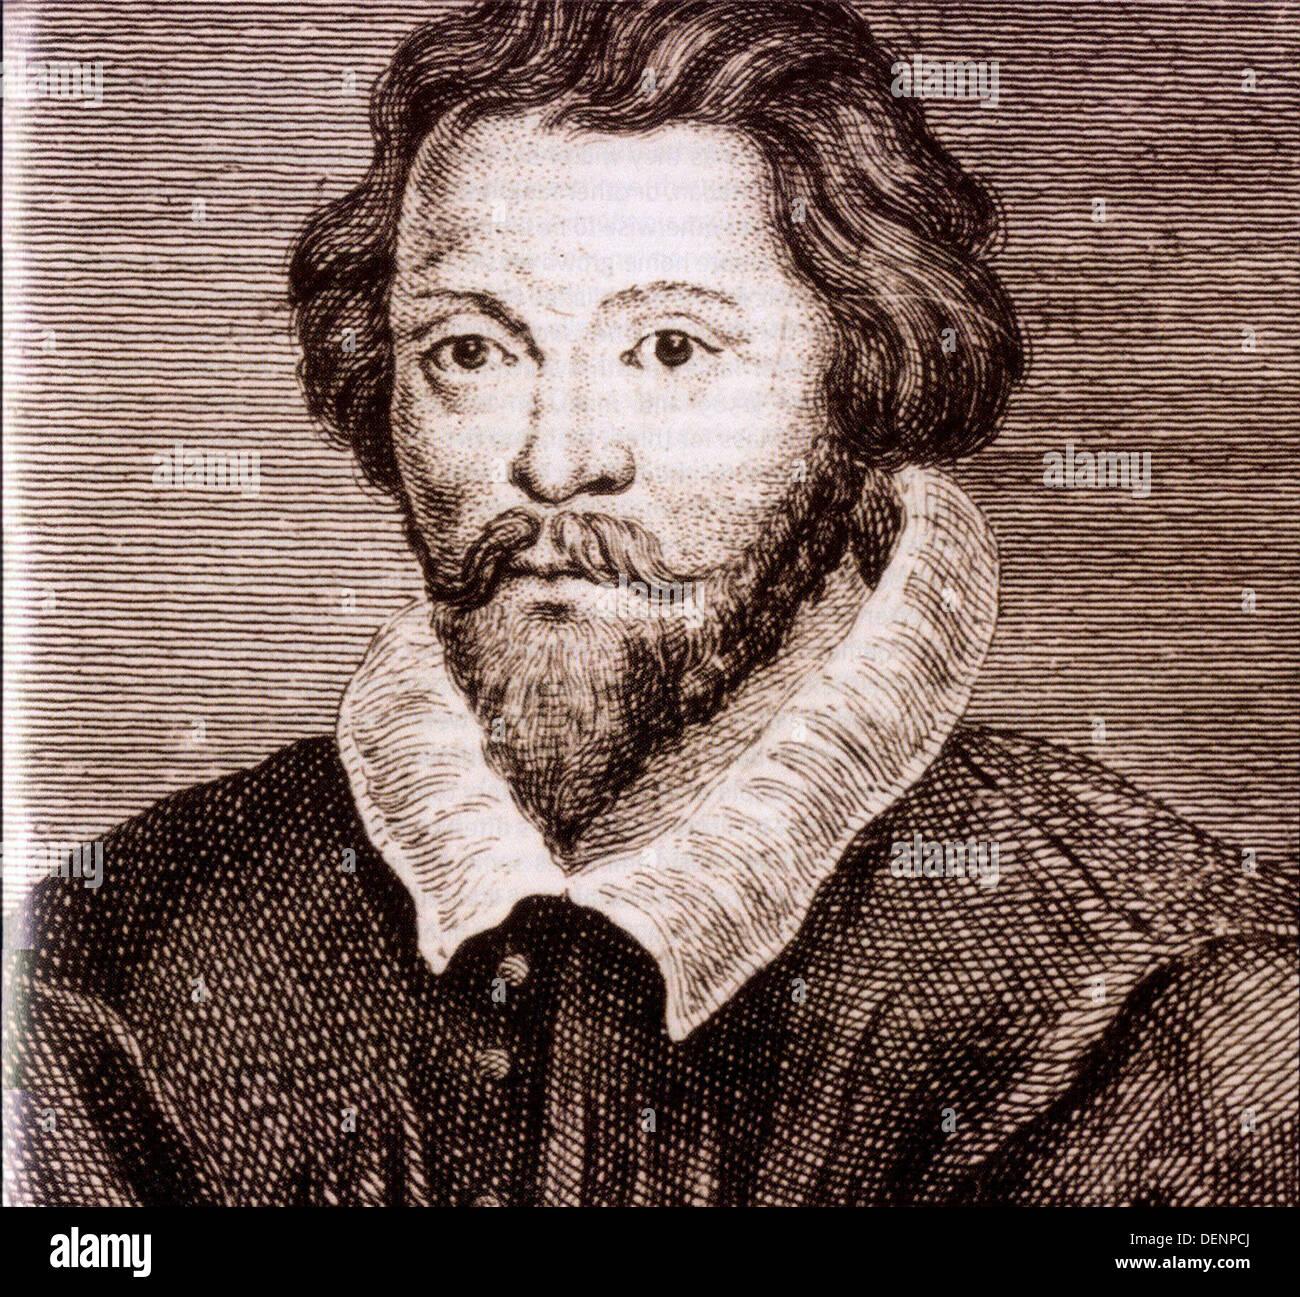 William Byrd, englischer Komponist der Renaissance Stockbild